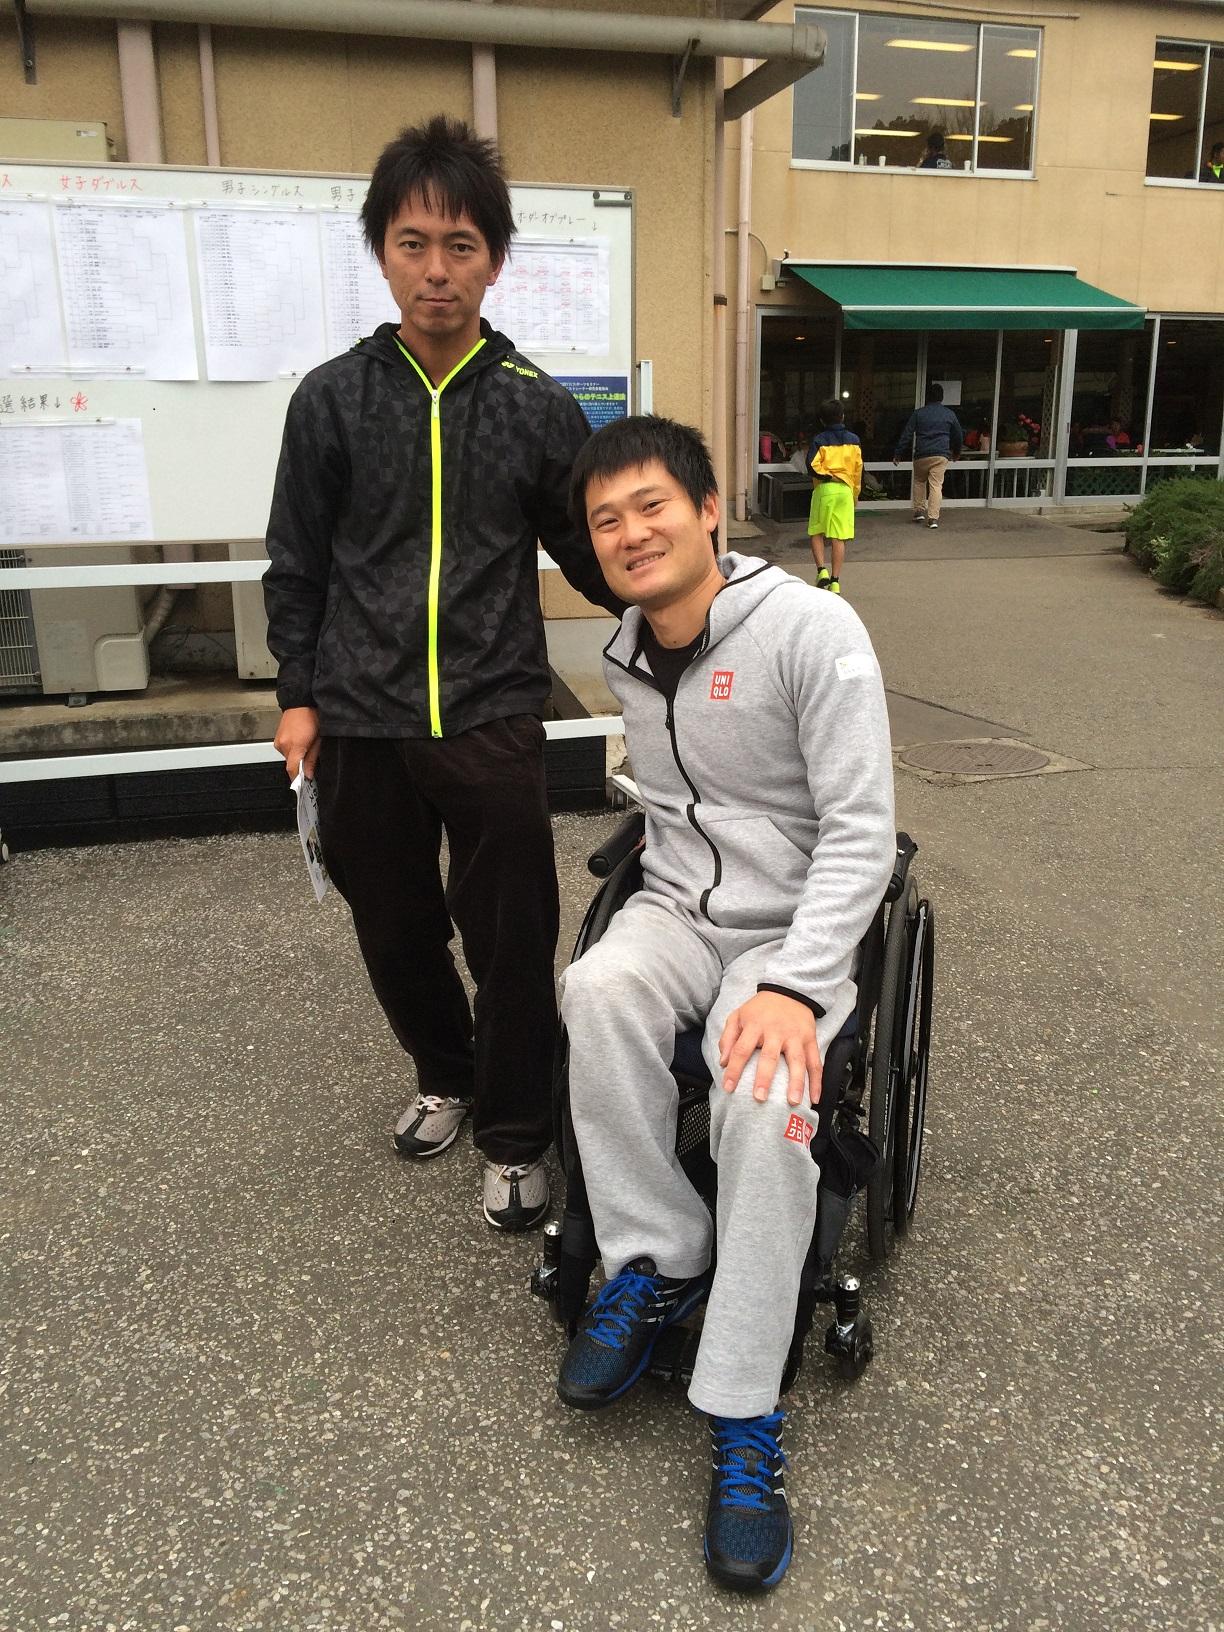 国枝慎吾選手と写真撮影